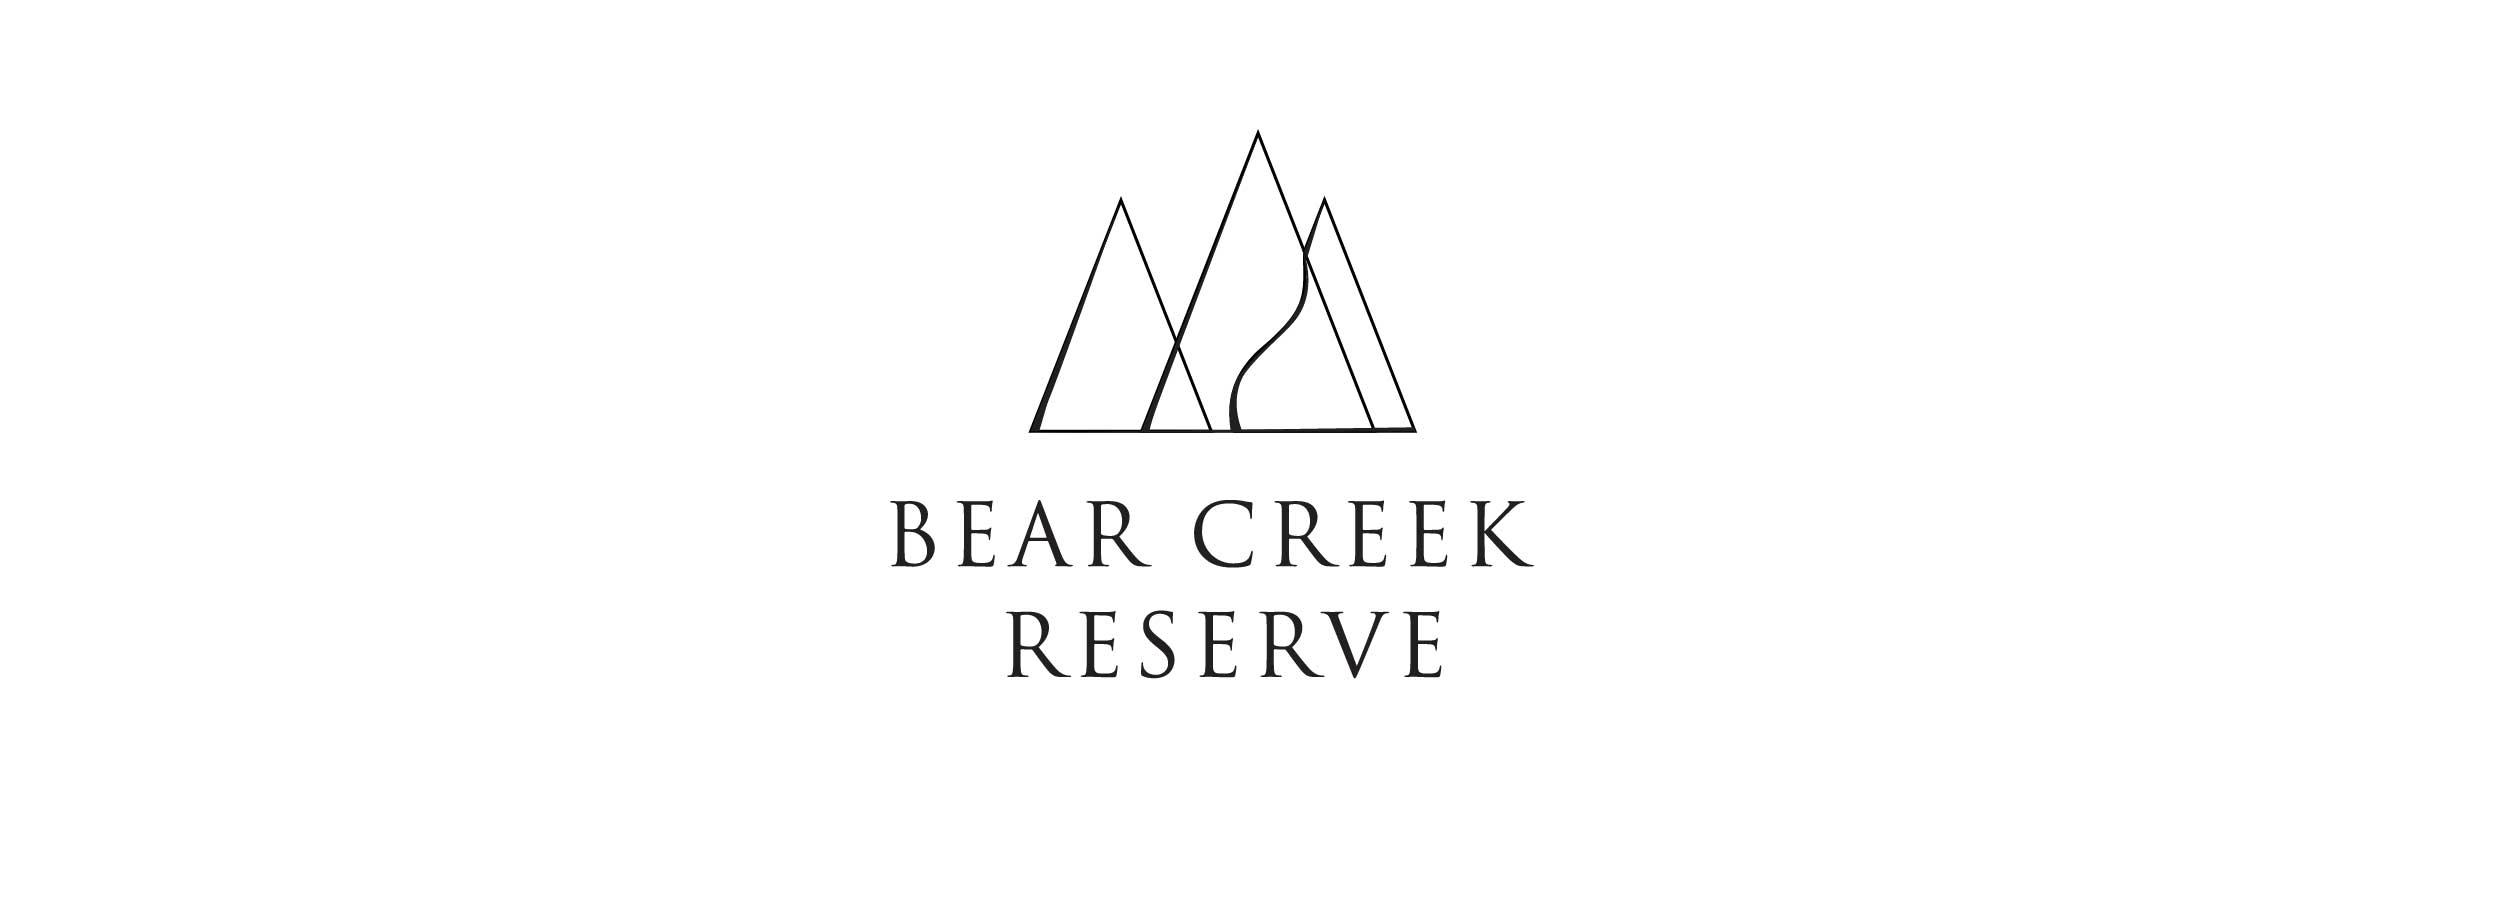 bear creek reserve.jpg